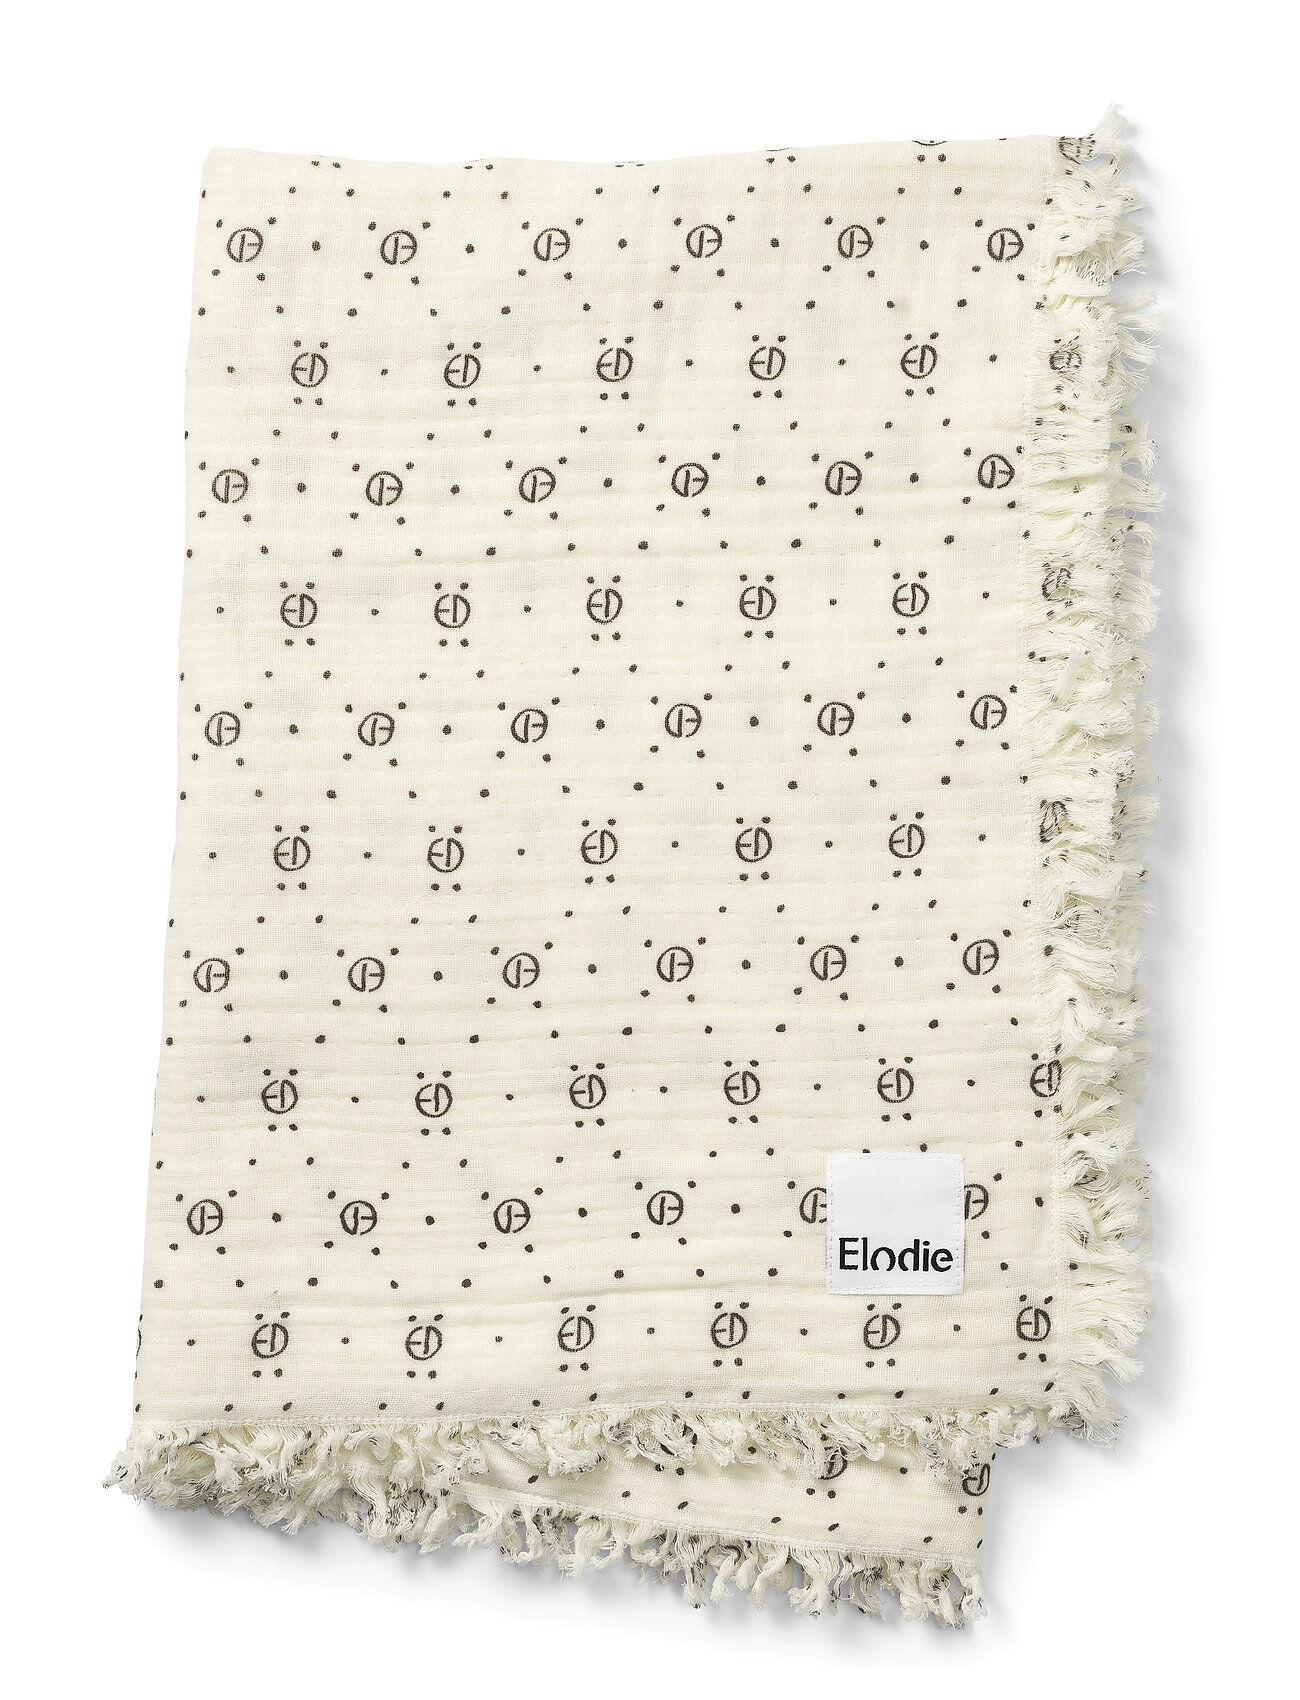 Elodie Details Soft Cotton Blanket - Monogram Home Sleep Time Blankets & Quilts Valkoinen Elodie Details